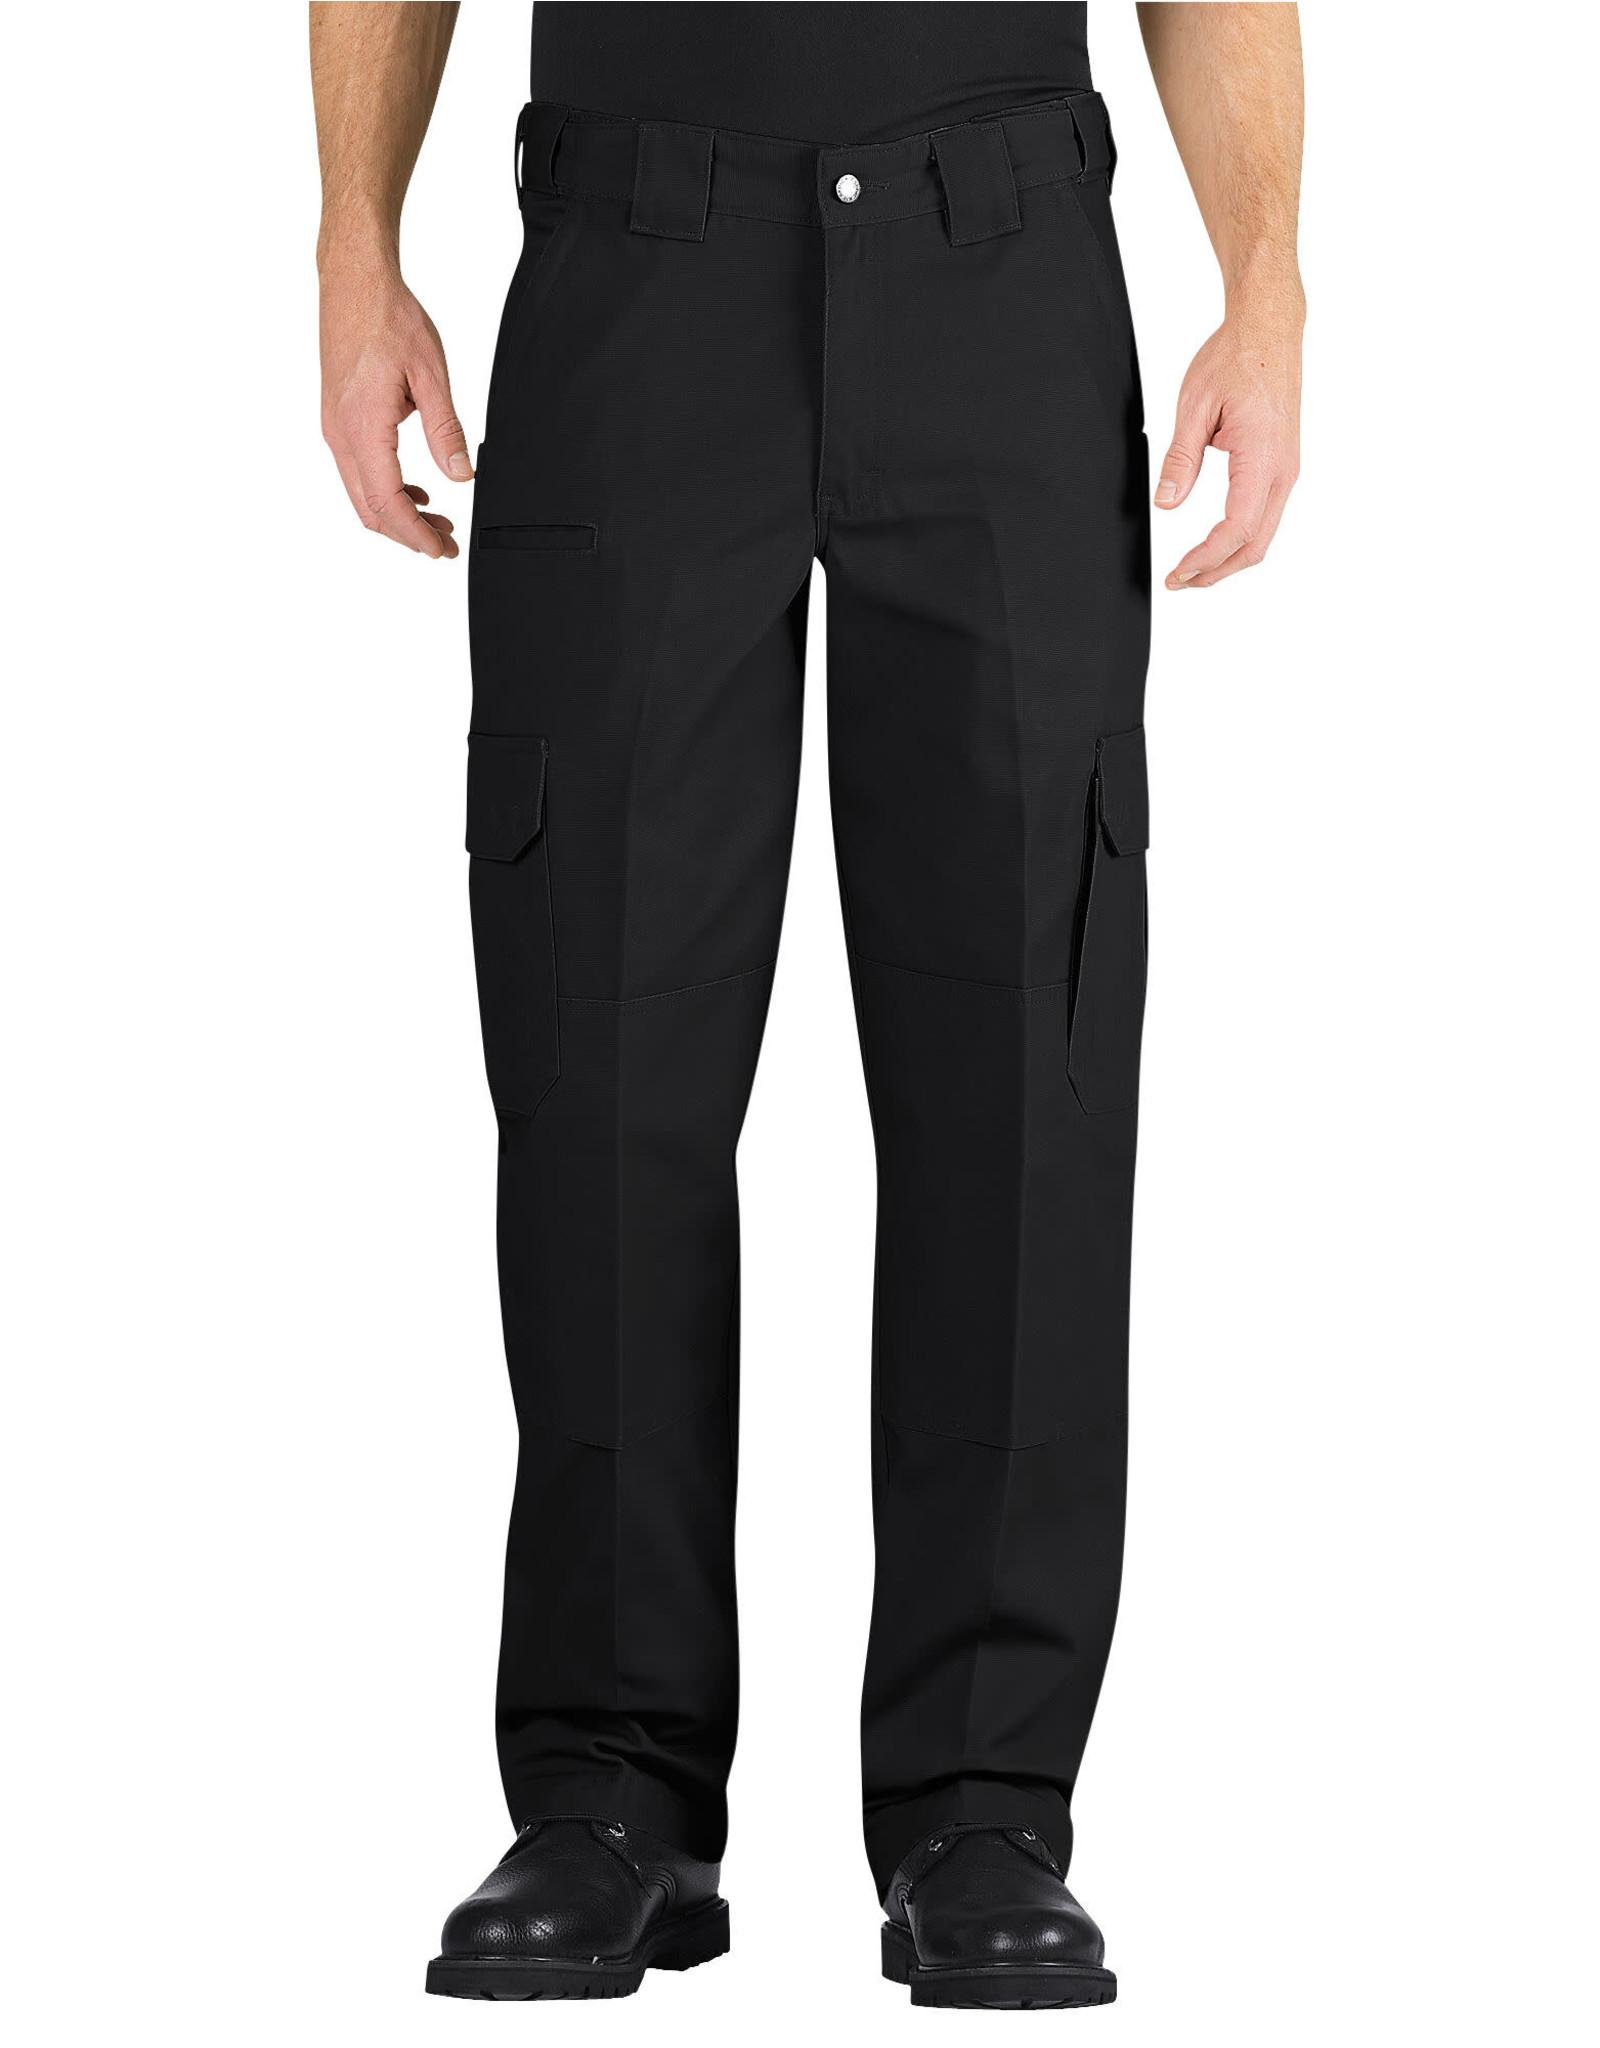 DICKIES Men's Black Tactical Cargo Pant LP702